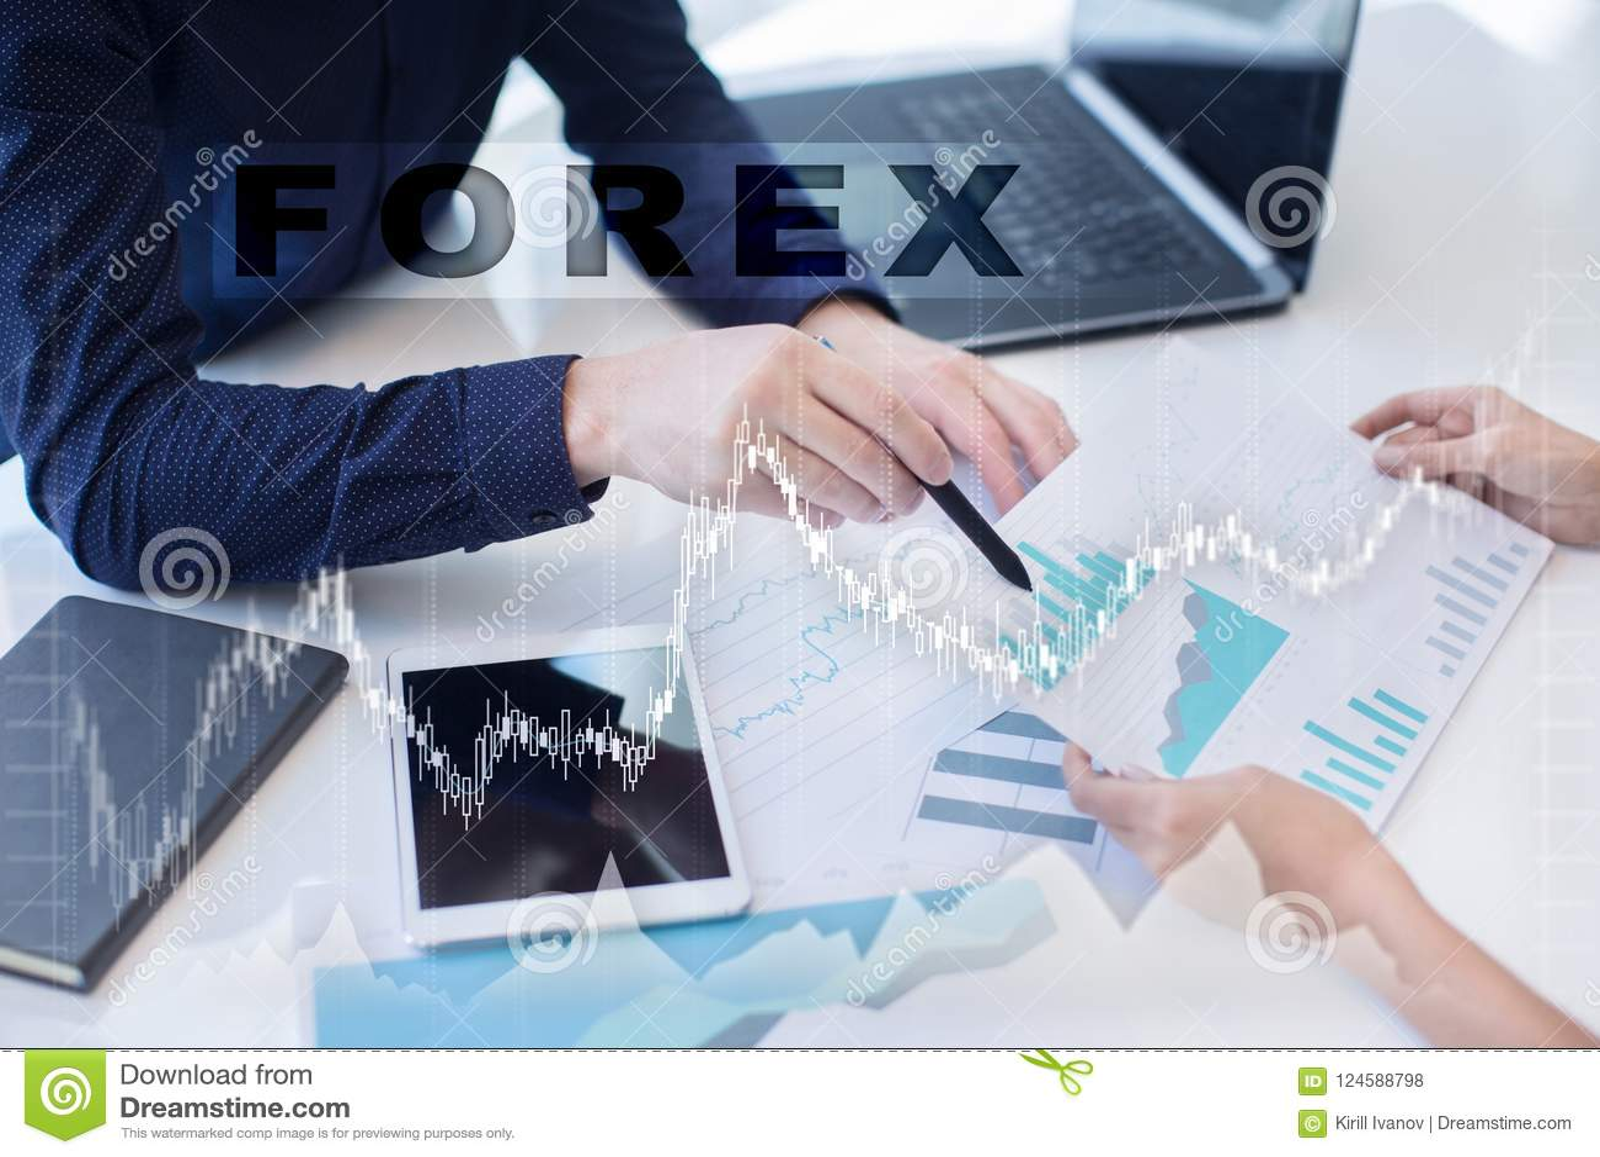 Forex die, Online investering handel drijven Zaken, Internet en technologieconcept